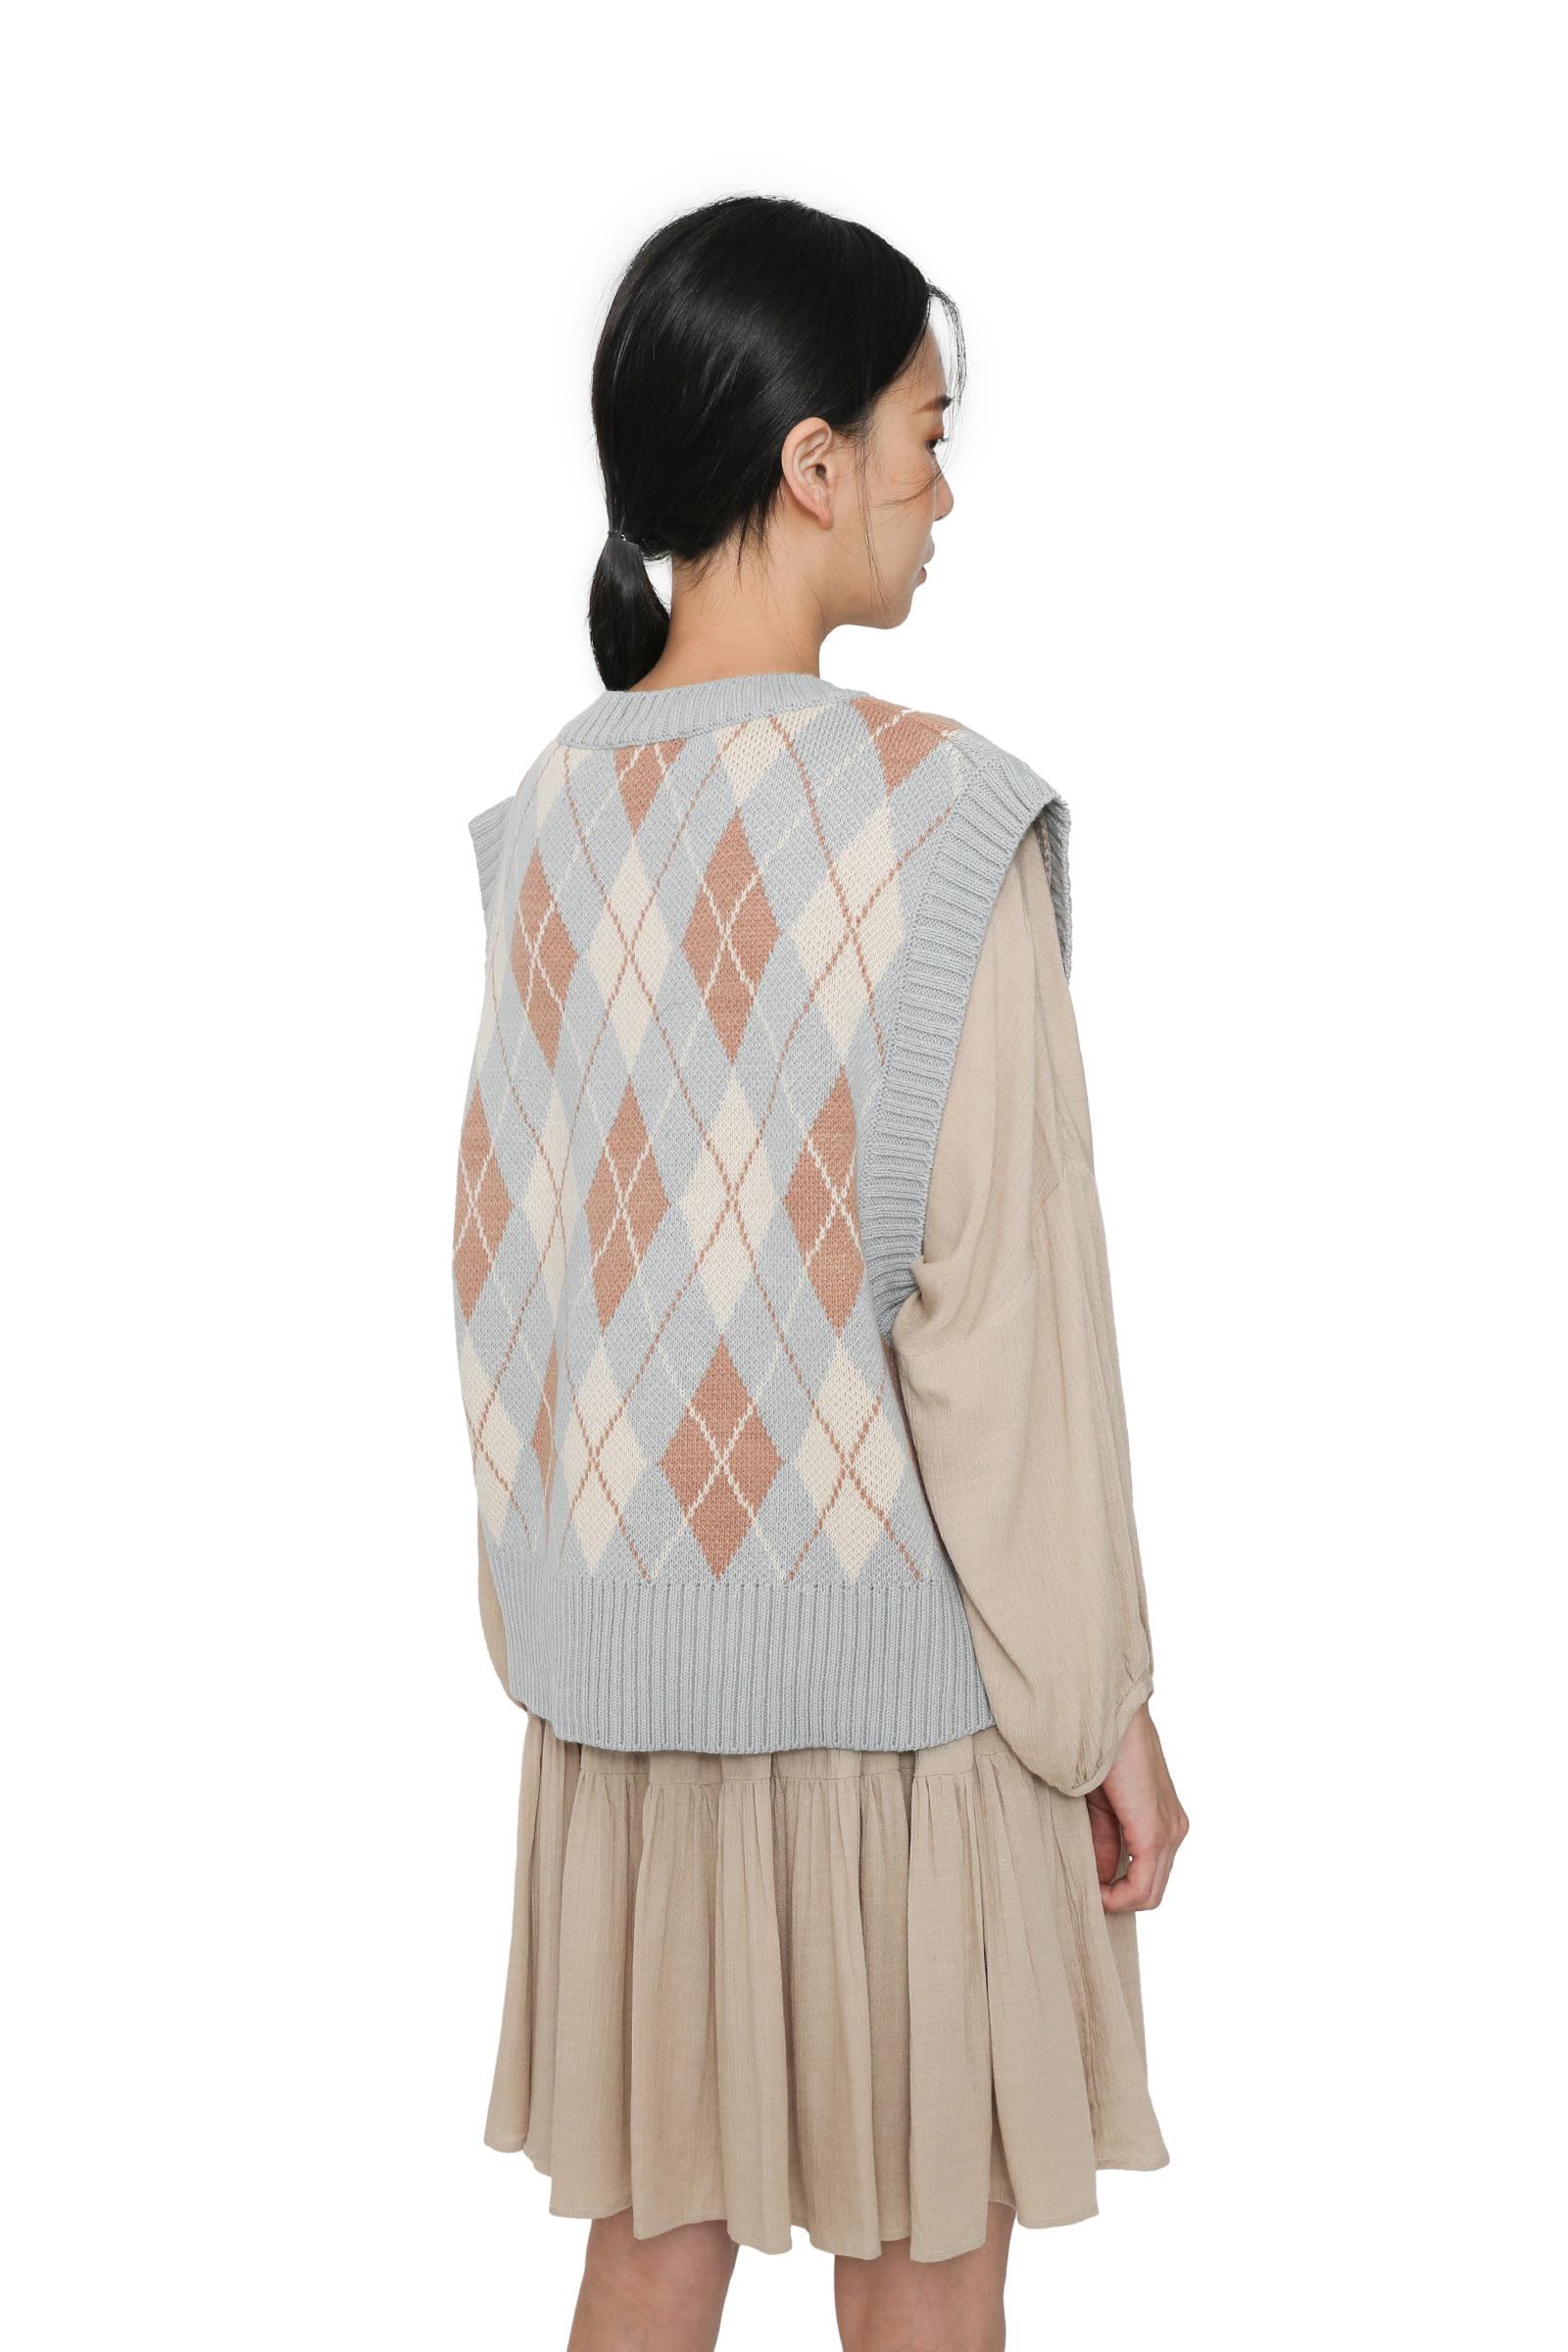 Argyle pattern pastel knit vest